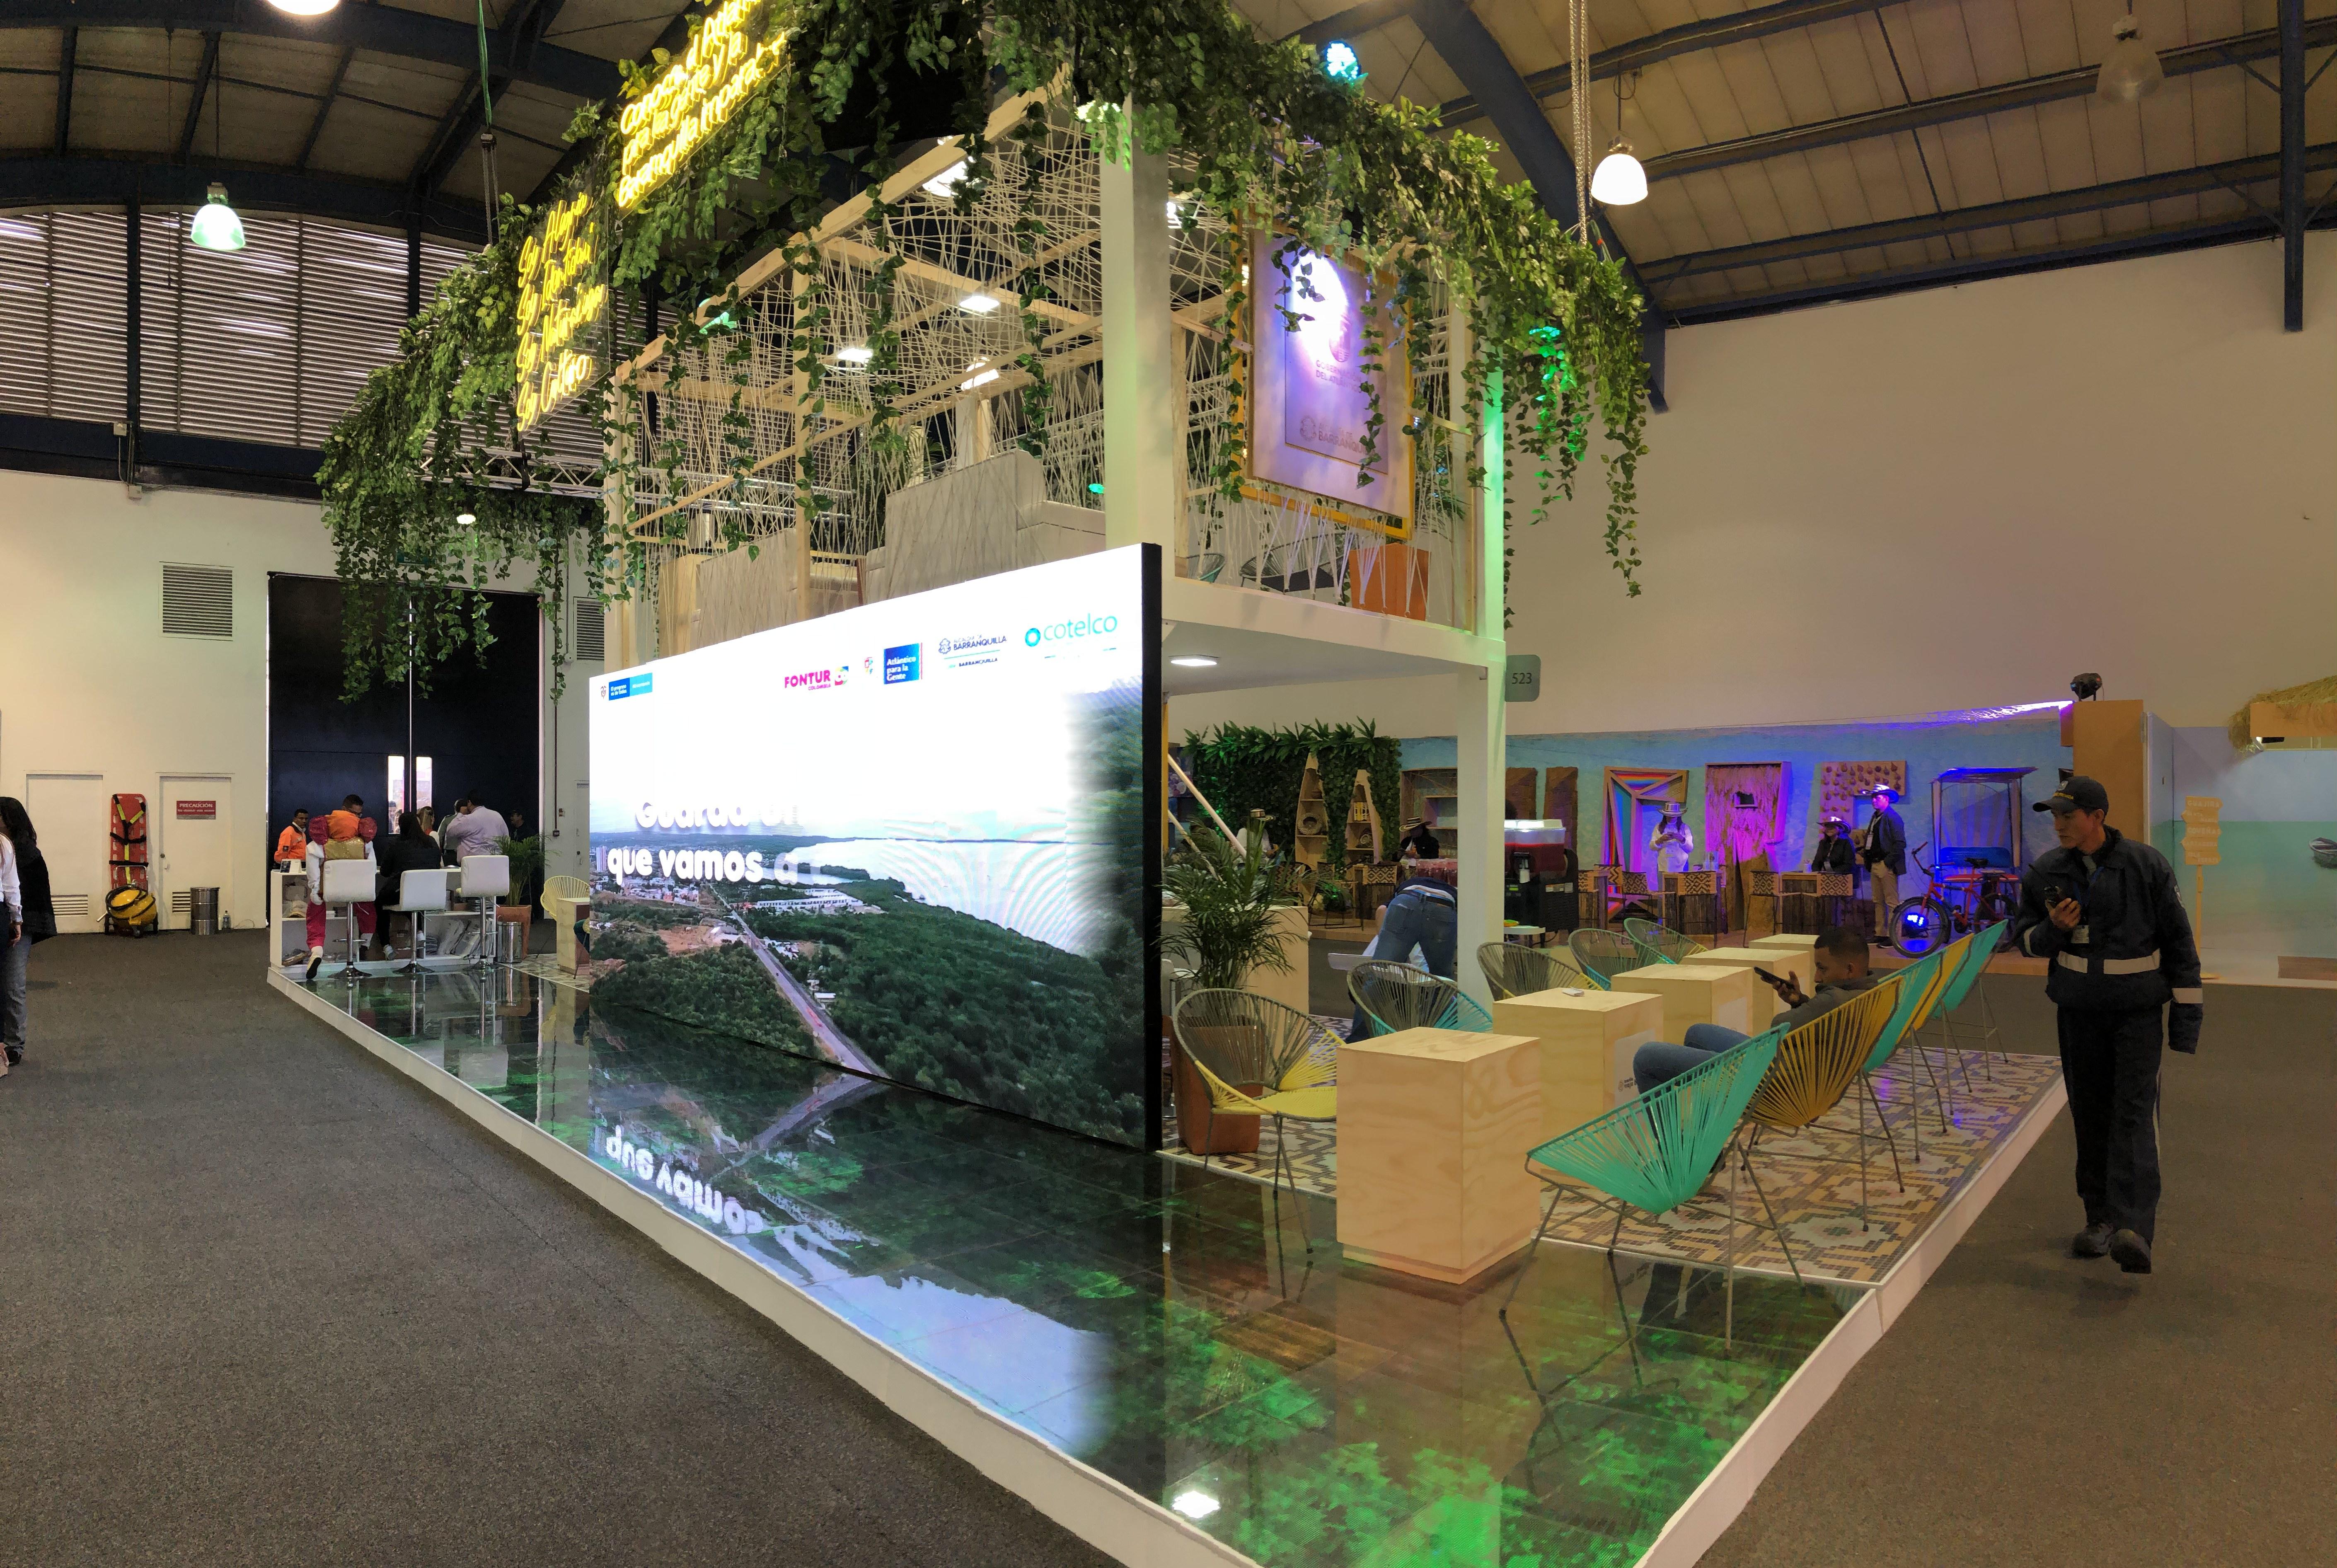 El turismo de eventos y negocios y la biodiverciudad soñada de Barranquilla llegan a Anato